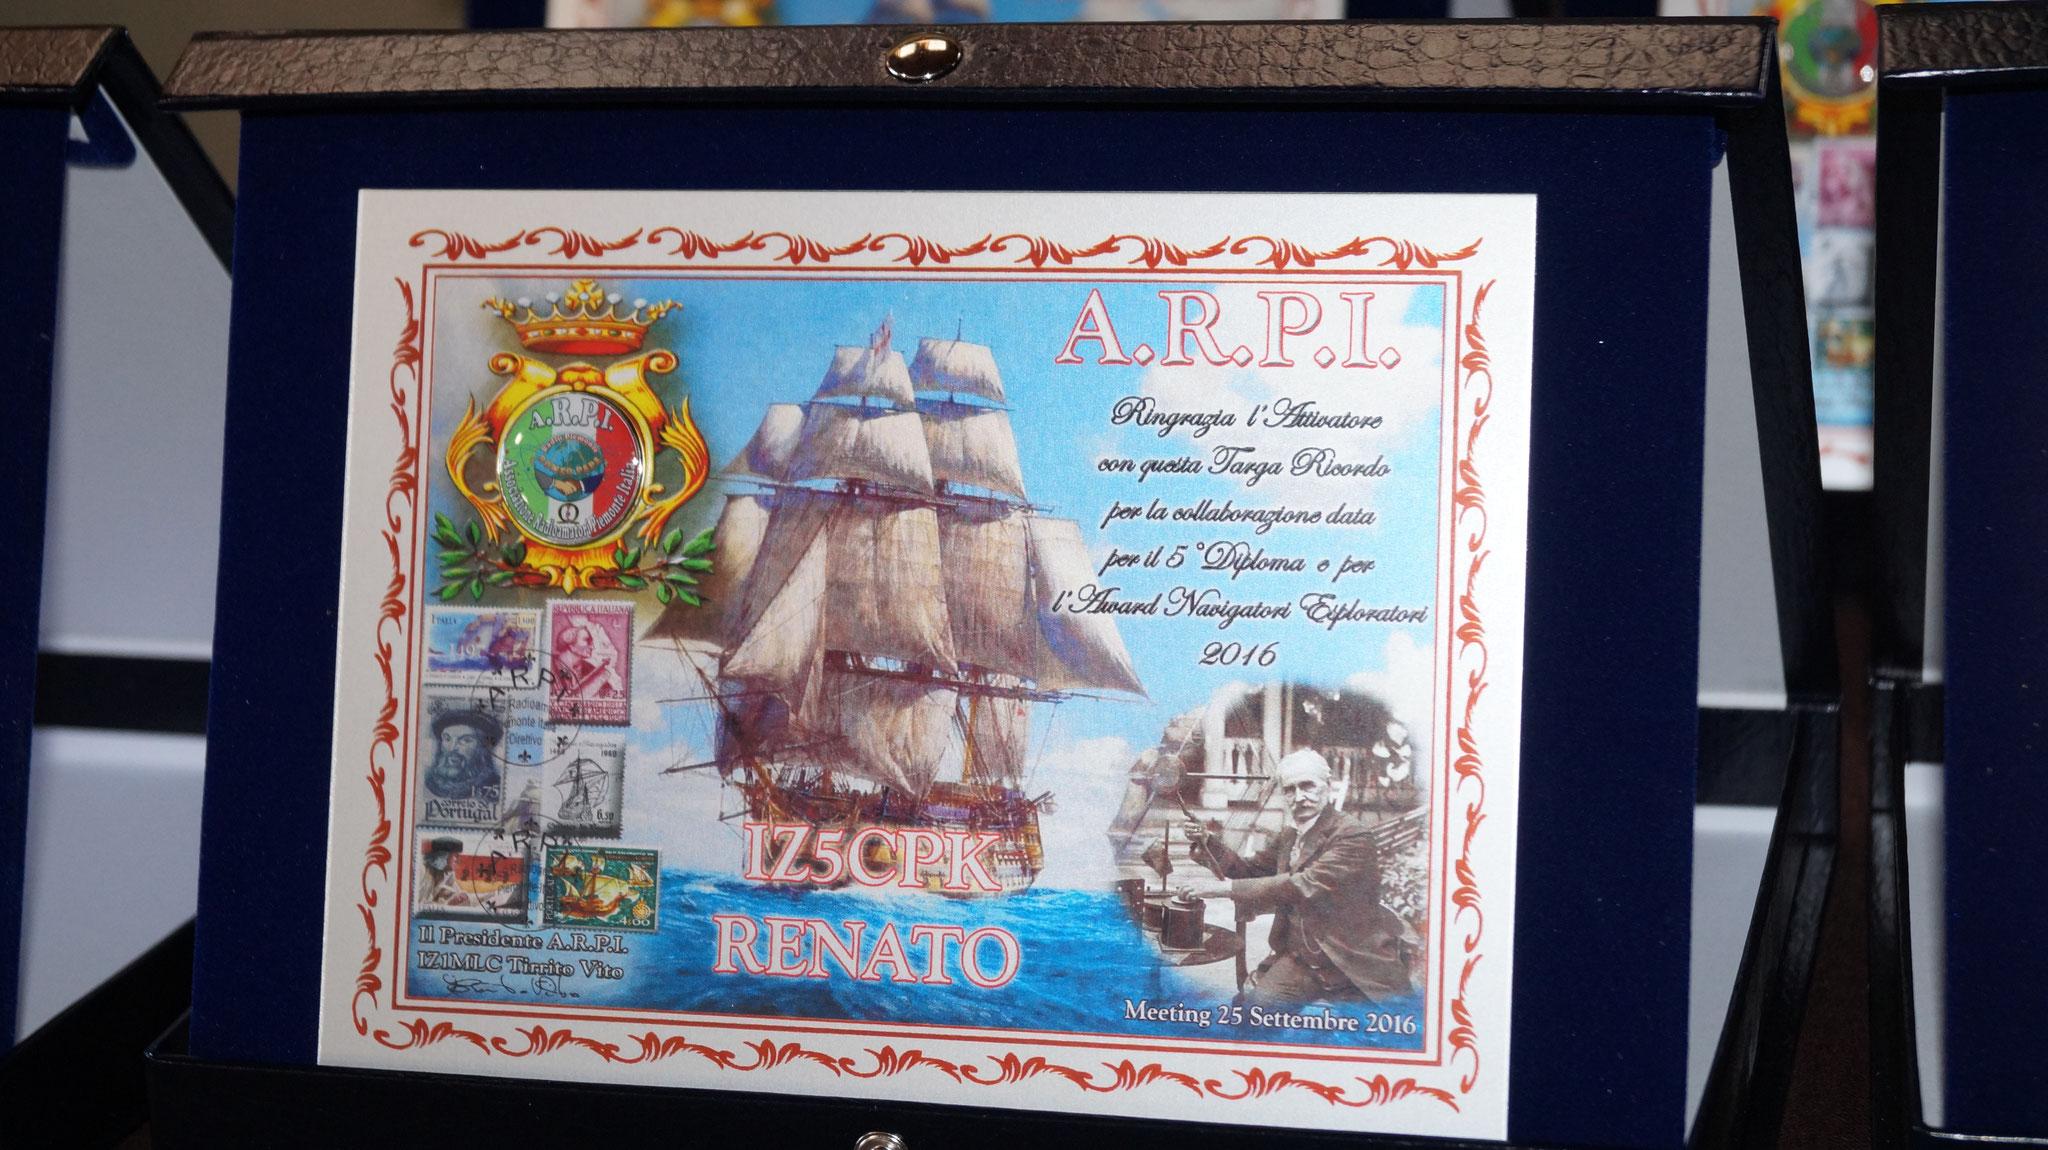 ° Class. modo CW(Attivatori) Diploma Navigatori Esploratori   IZ5CPK  RENATO